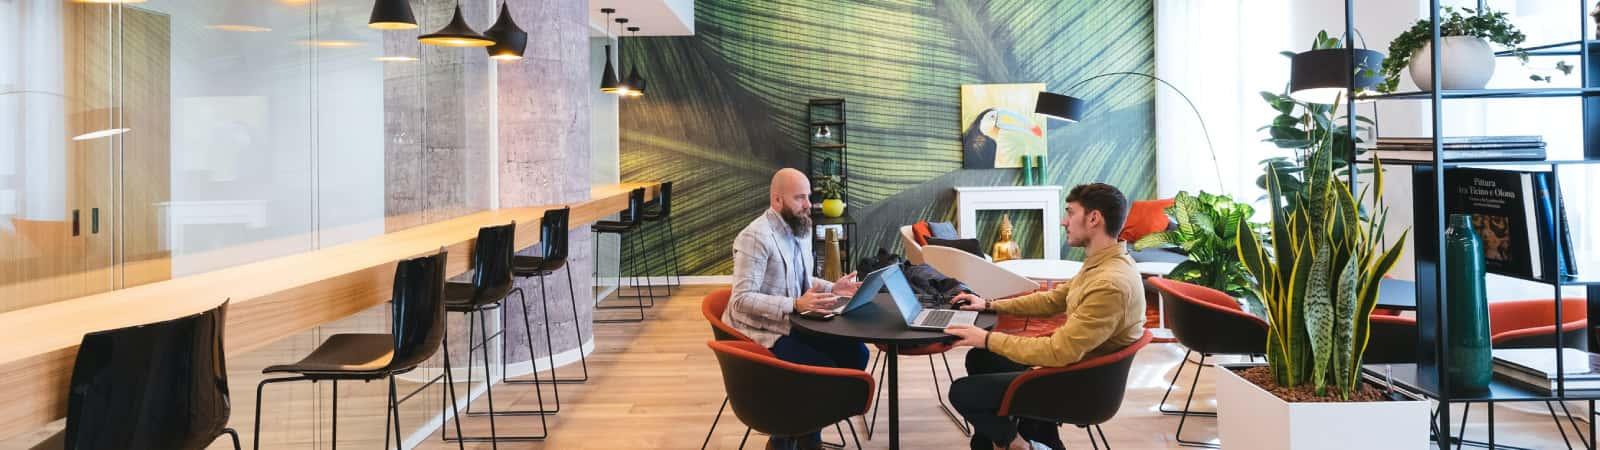 Cafetería de oficina inteligente